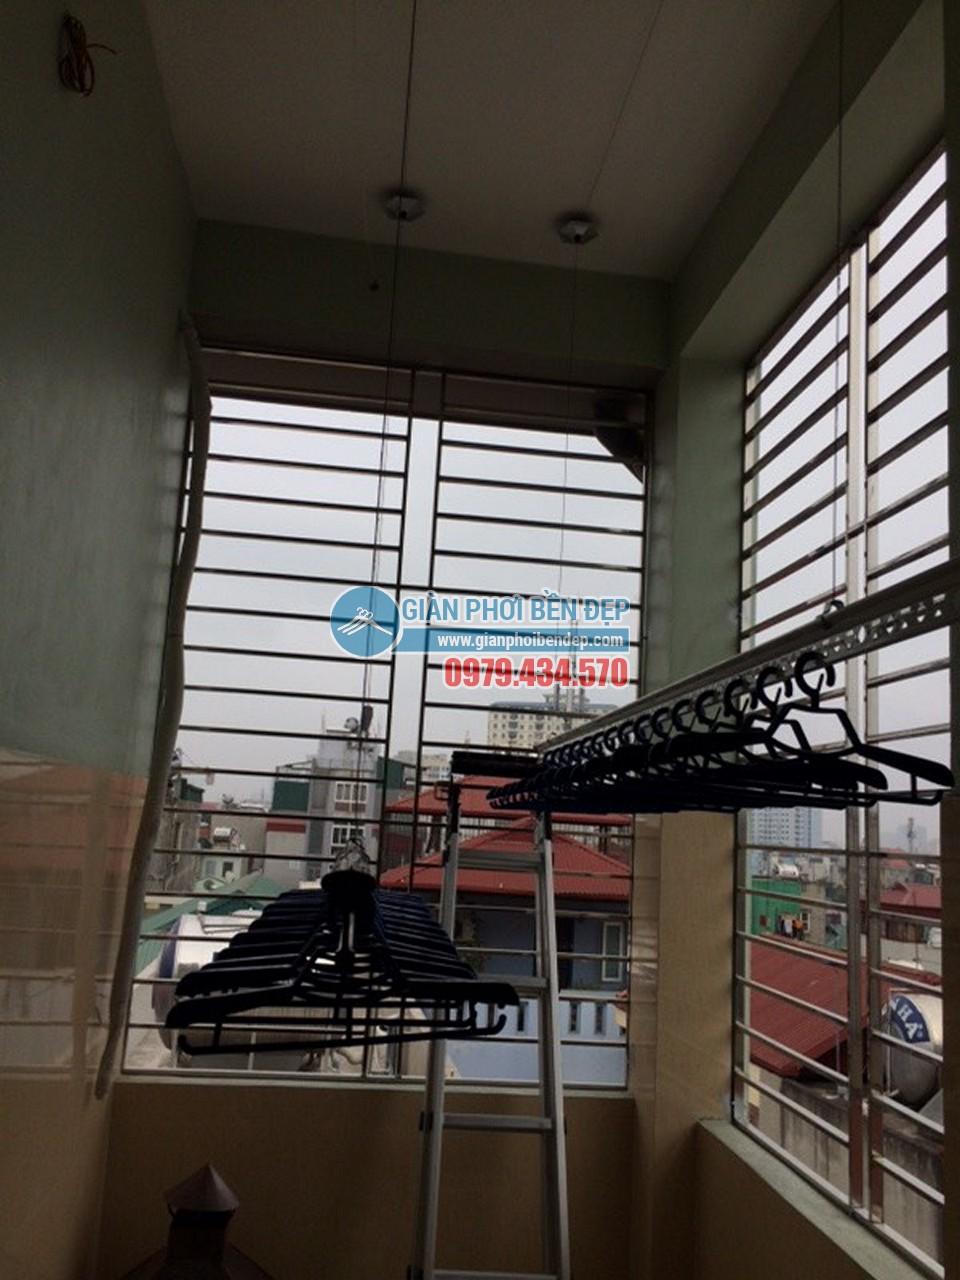 Toàn cảnh sân phơi với giàn phơi thông minh nhà chị Thảo, ngõ 177/18 Định Công - 06